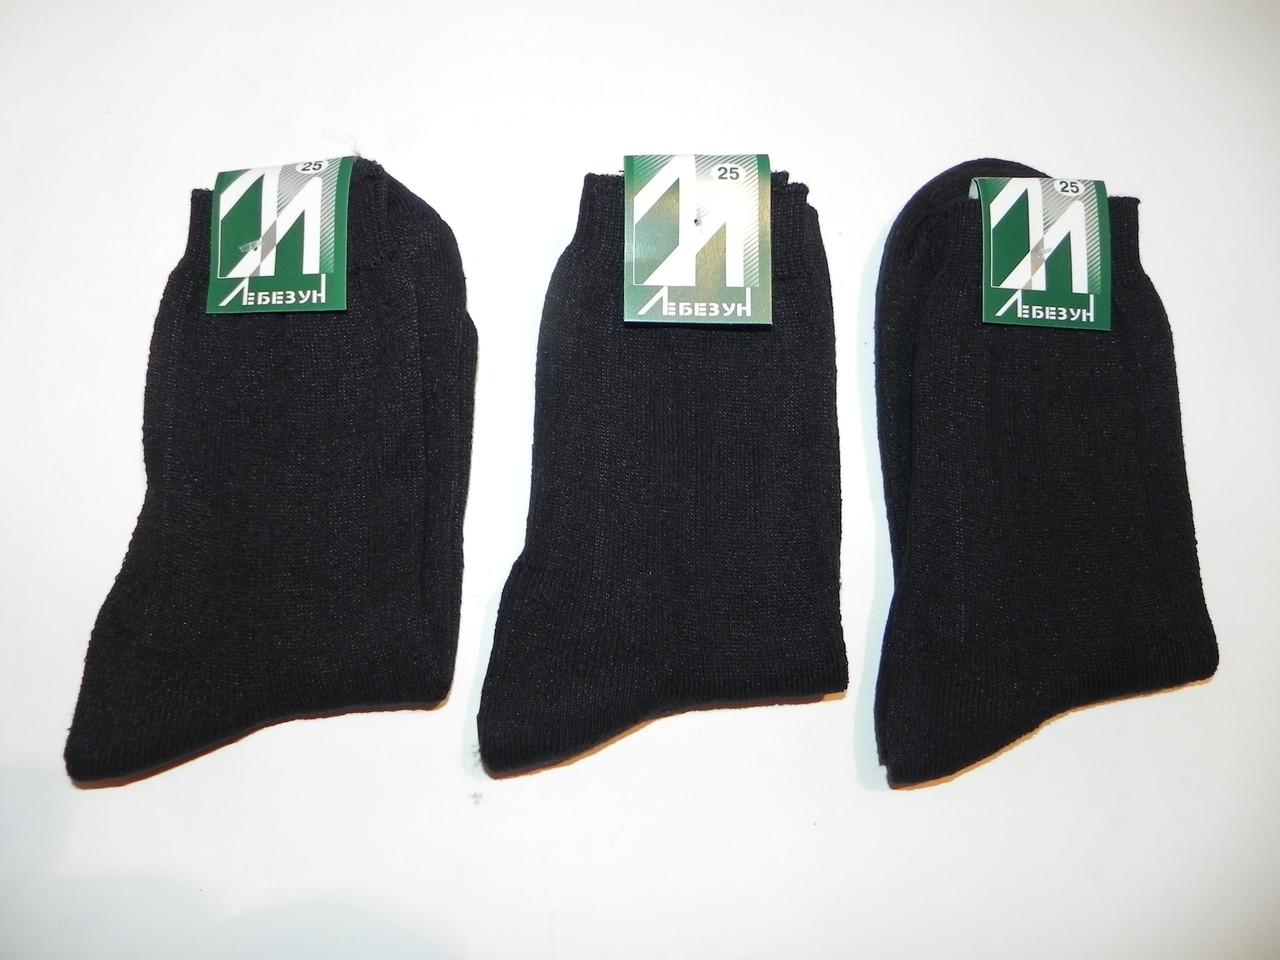 Носки мужские махровые Лебезун